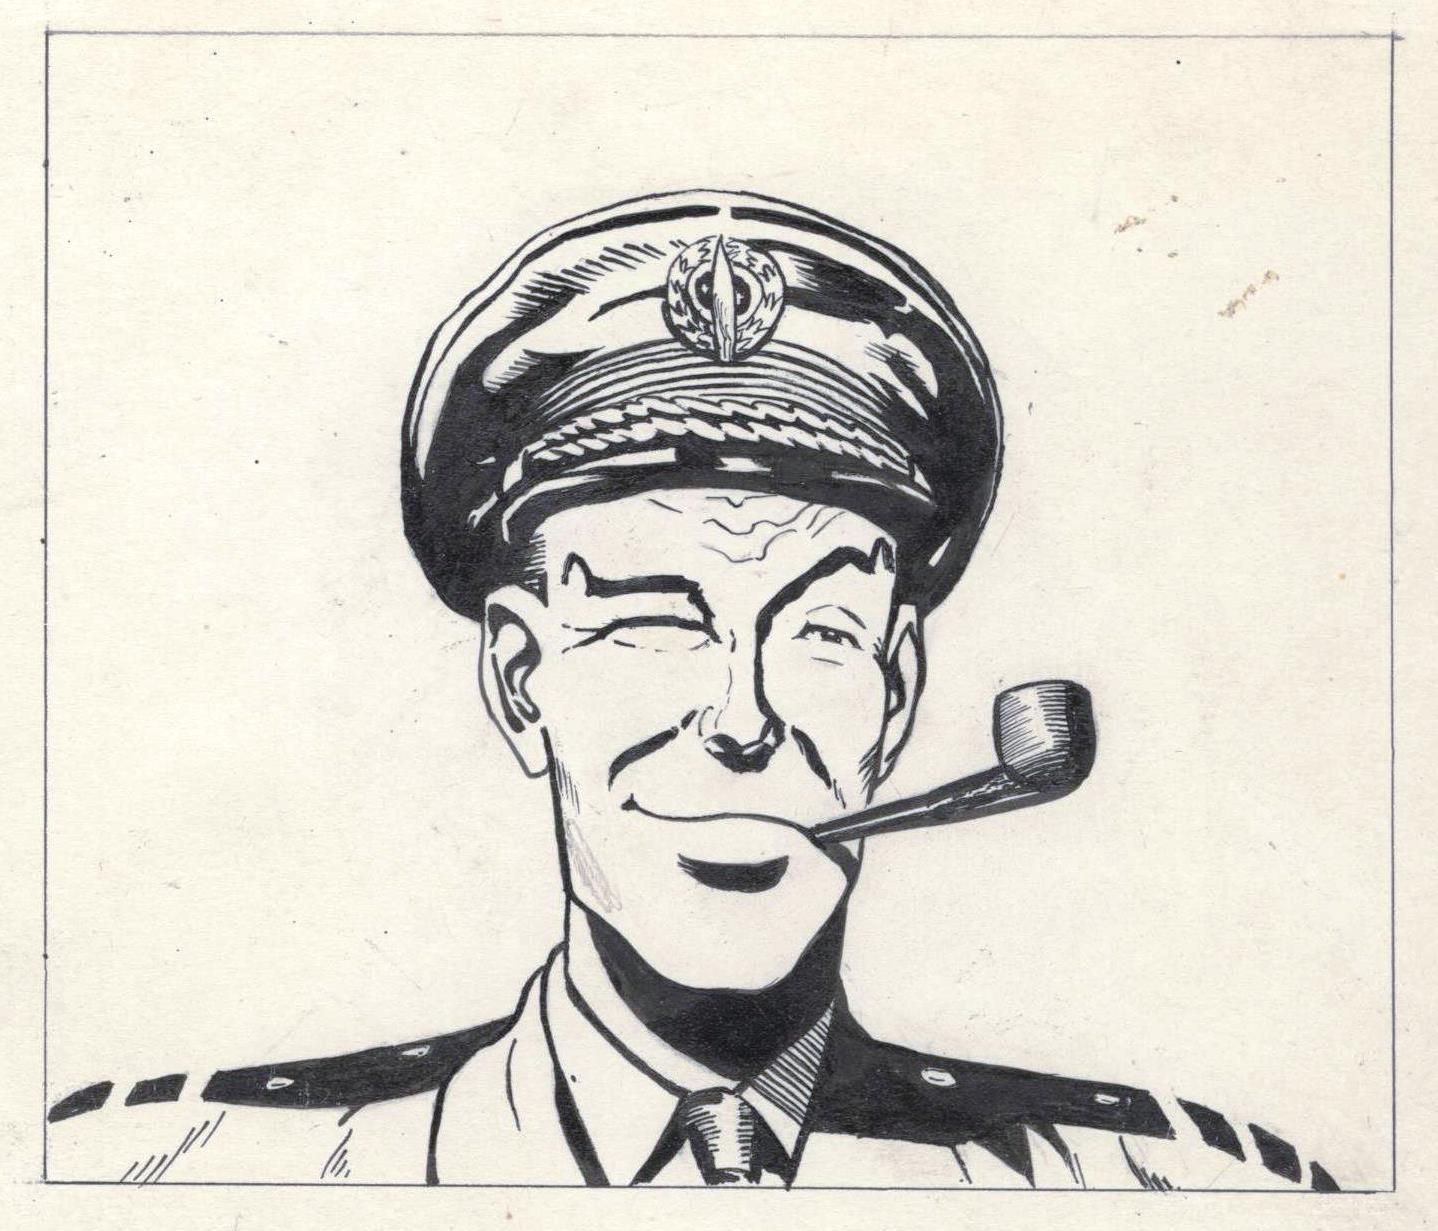 The Atkinson: Frank Hampson – The Man who drew Dan Dare